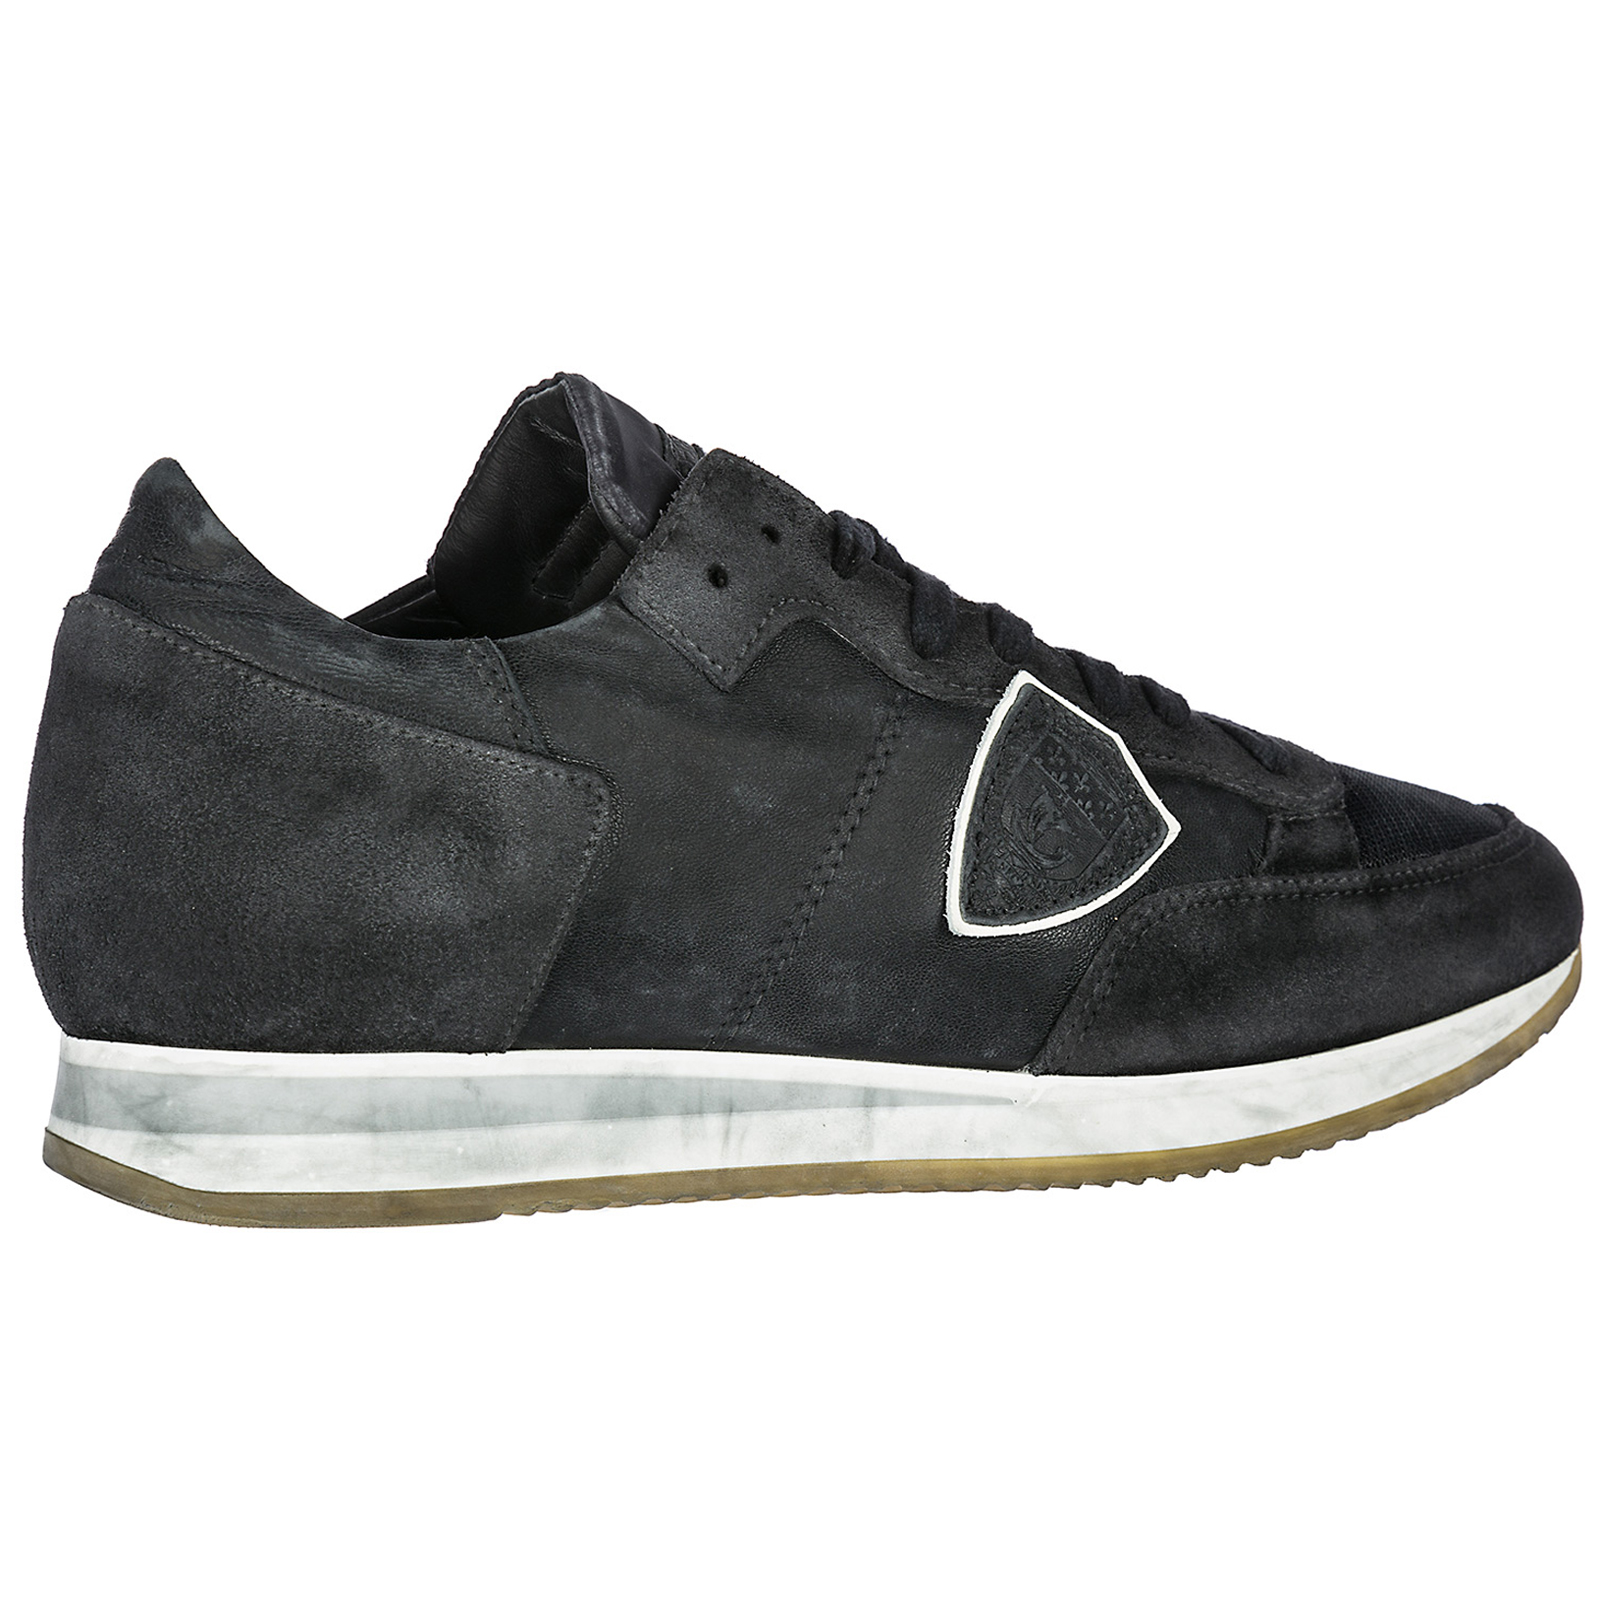 Noir Model Sneakers Tropez Run Rw04 Philippe A18etrlu Yn7Fvq